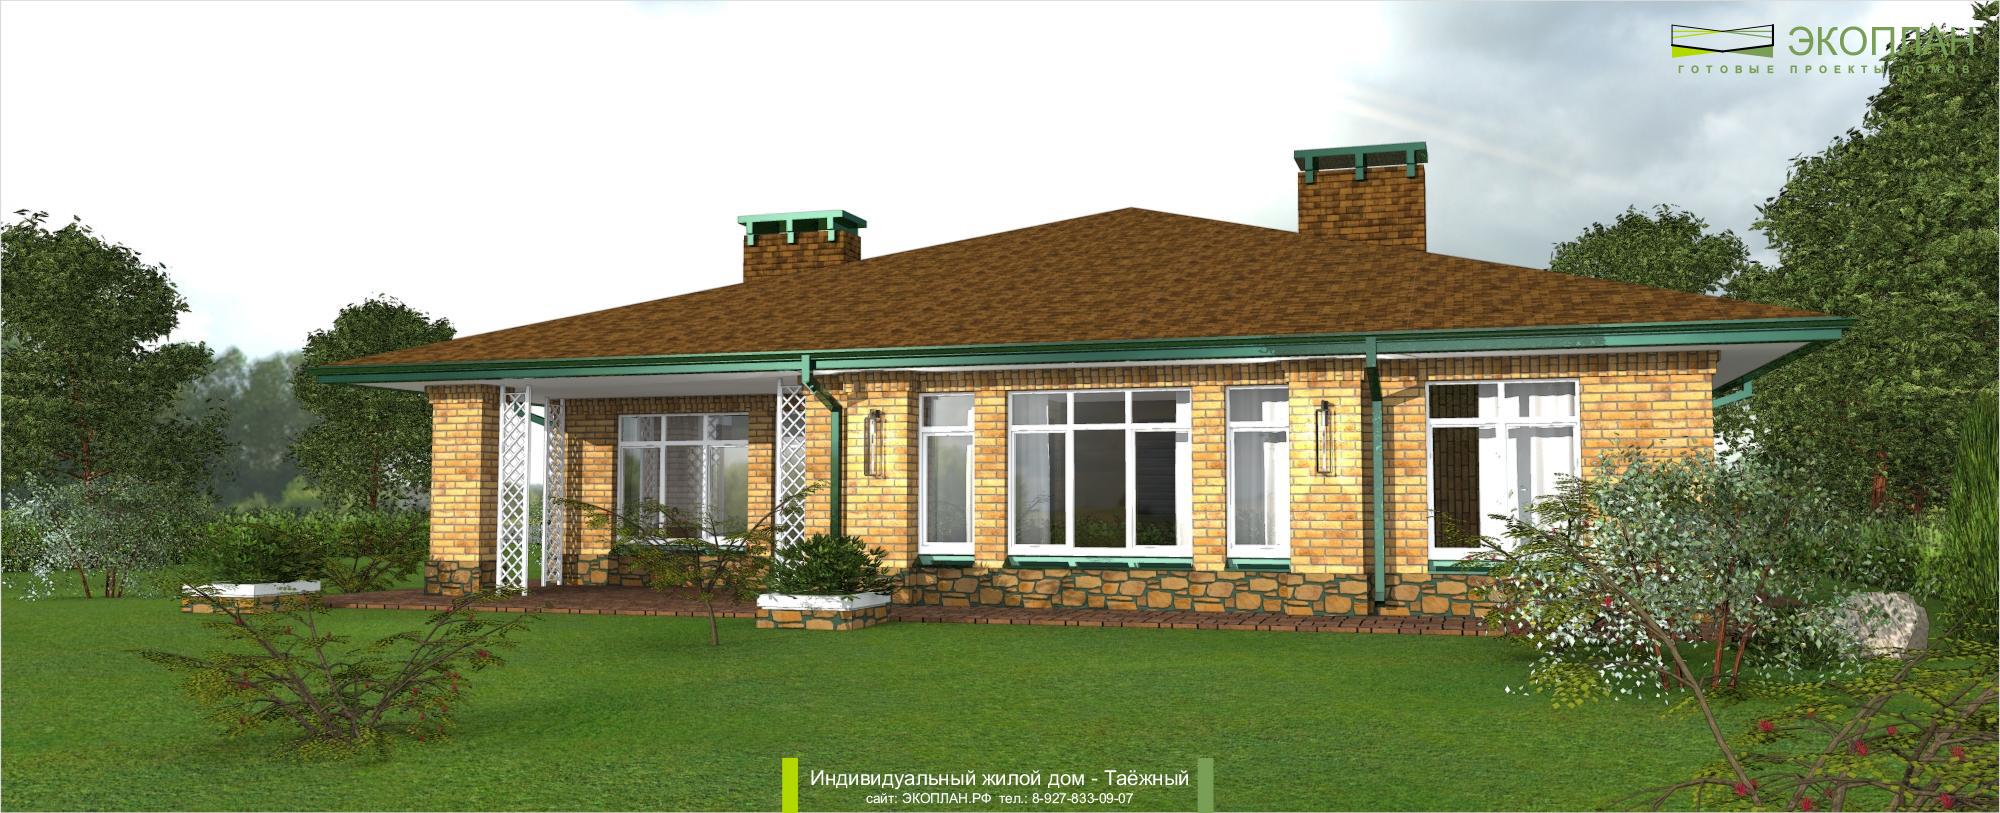 Готовый проект дома - Таёжный - Ульяновск фасад